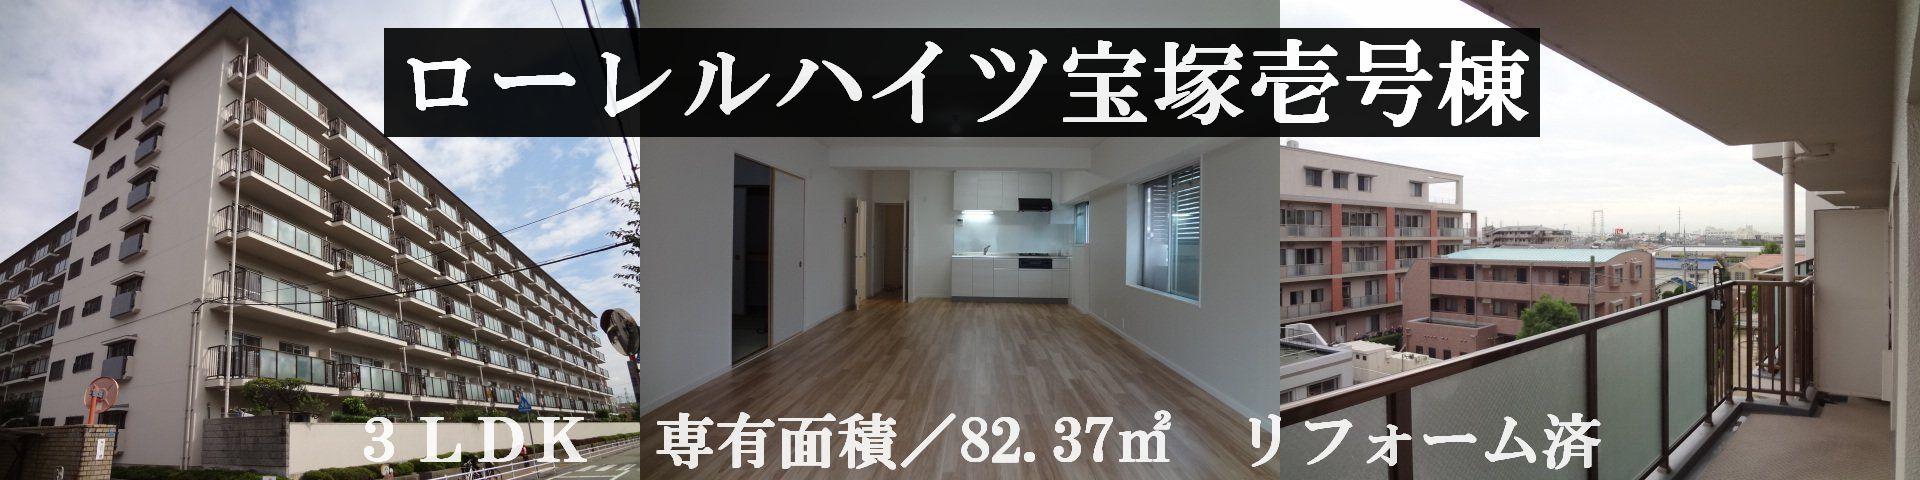 ローレルハイツ宝塚壱号棟